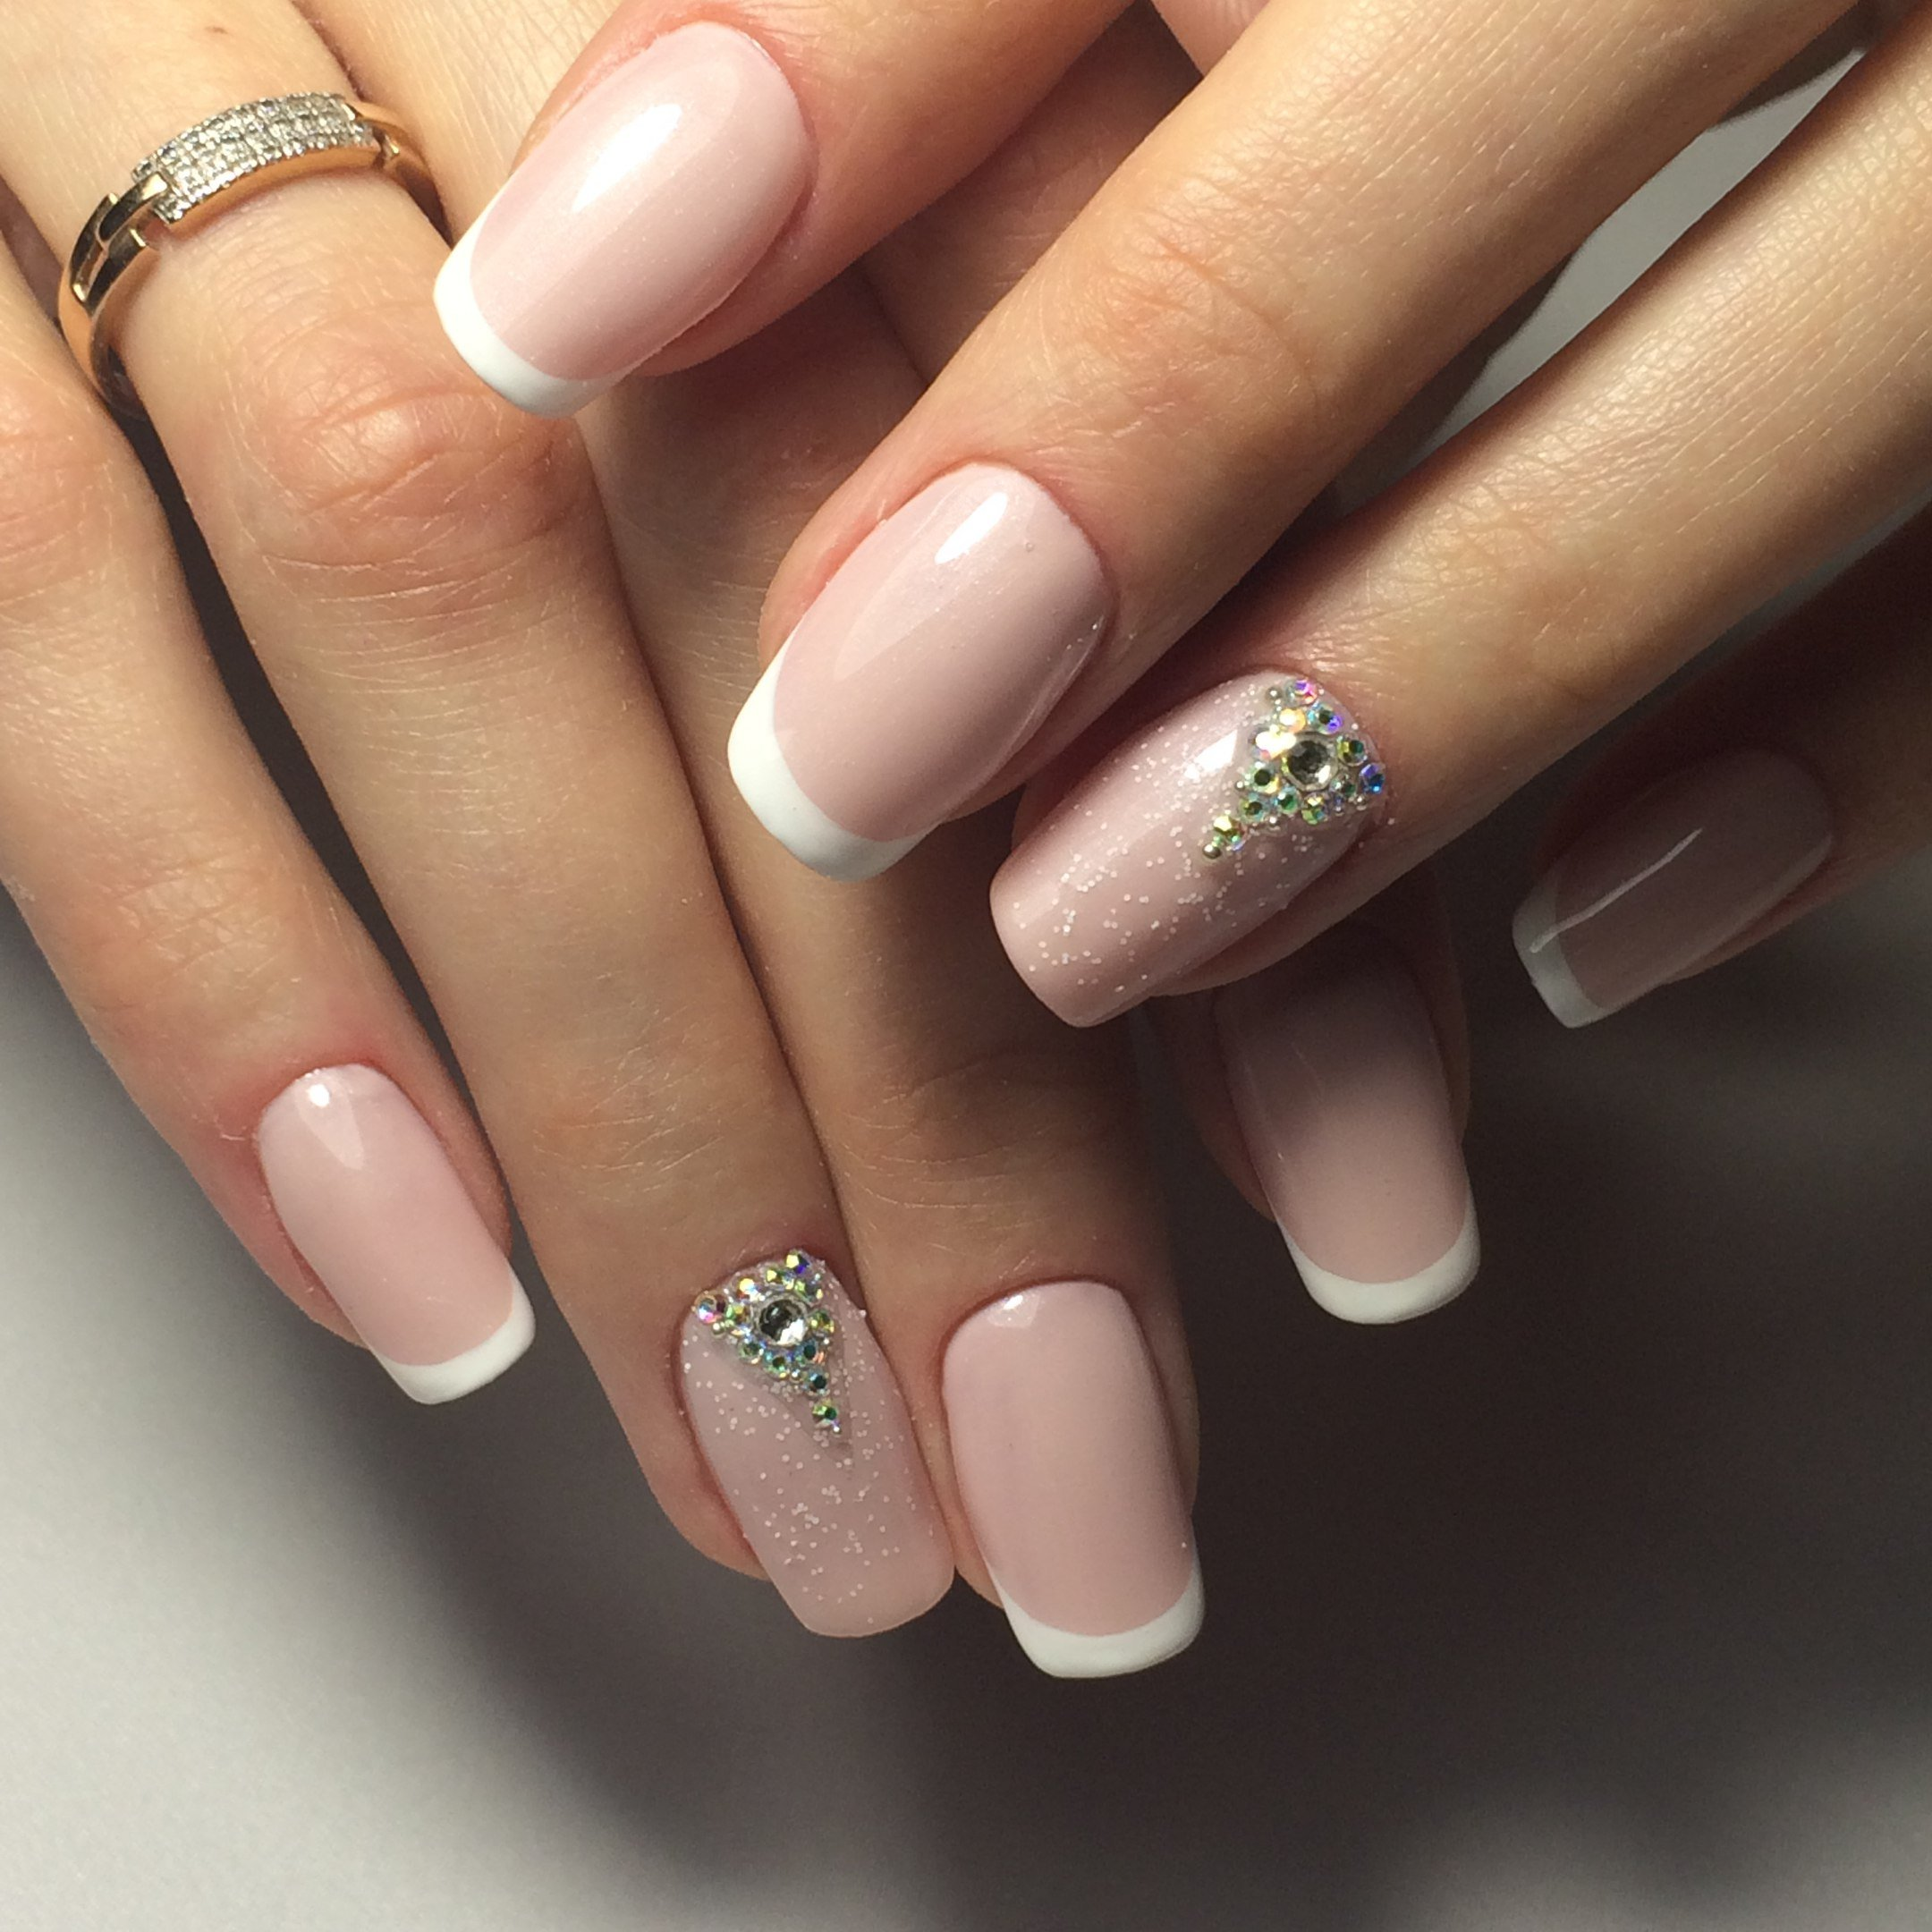 качество детализации френч с камнями на ногтях фото жарит